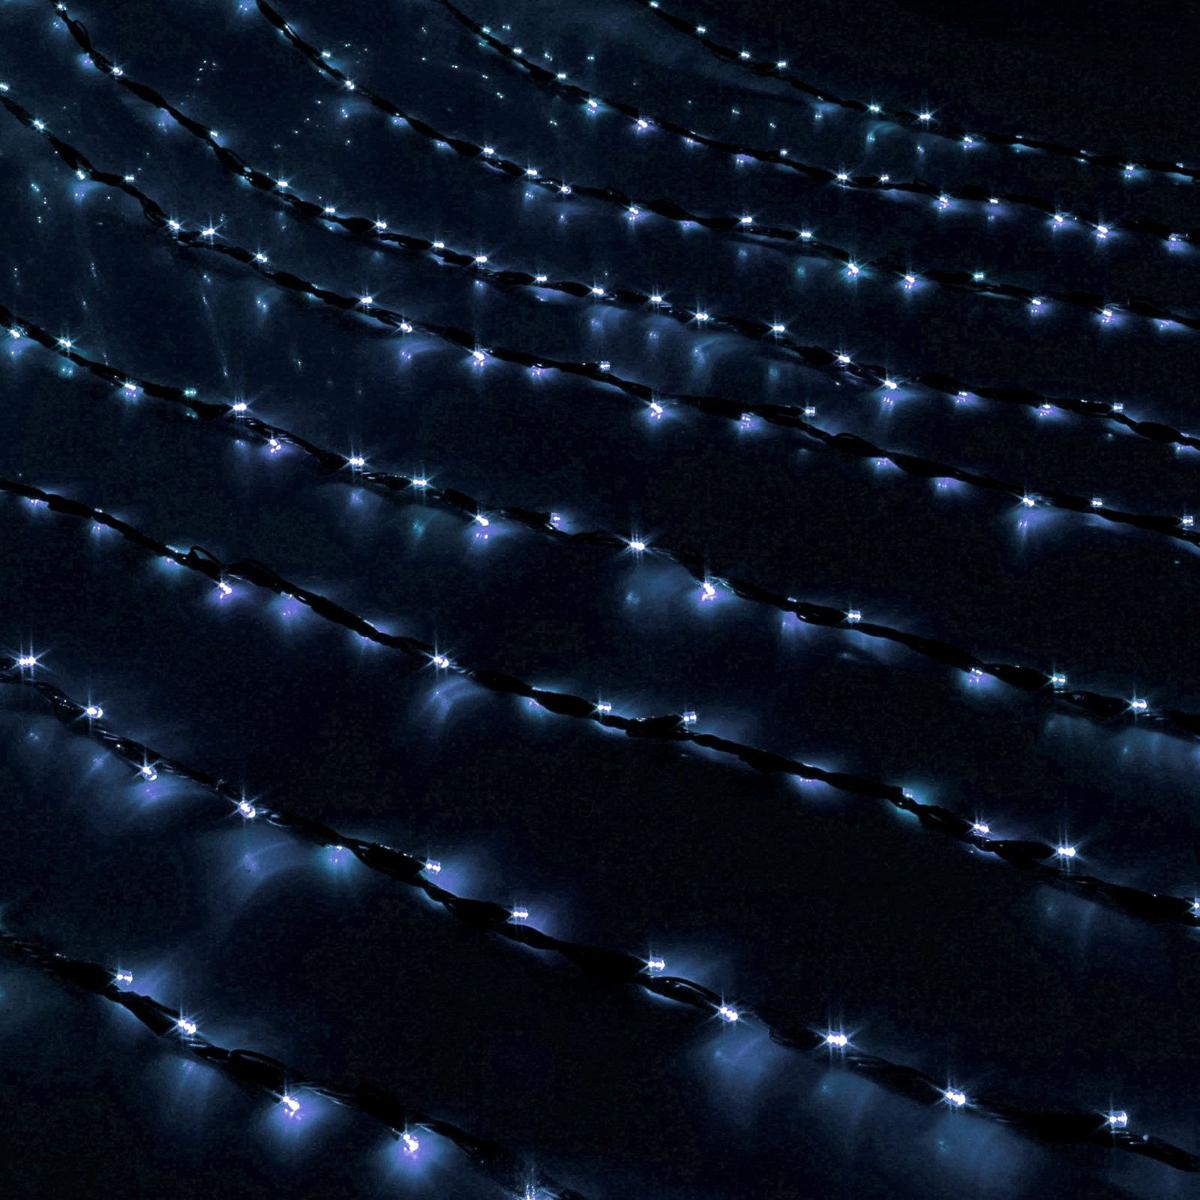 Гирлянда светодиодная Luazon Дождь, уличная, 8 режимов, 800 ламп, 220 V, цвет: белый, 2 х 3 м. 706339 гирлянда светодиодная luazon дождь уличная 8 режимов 400 ламп 220 v цвет мультиколор 2 х 1 5 м 671675